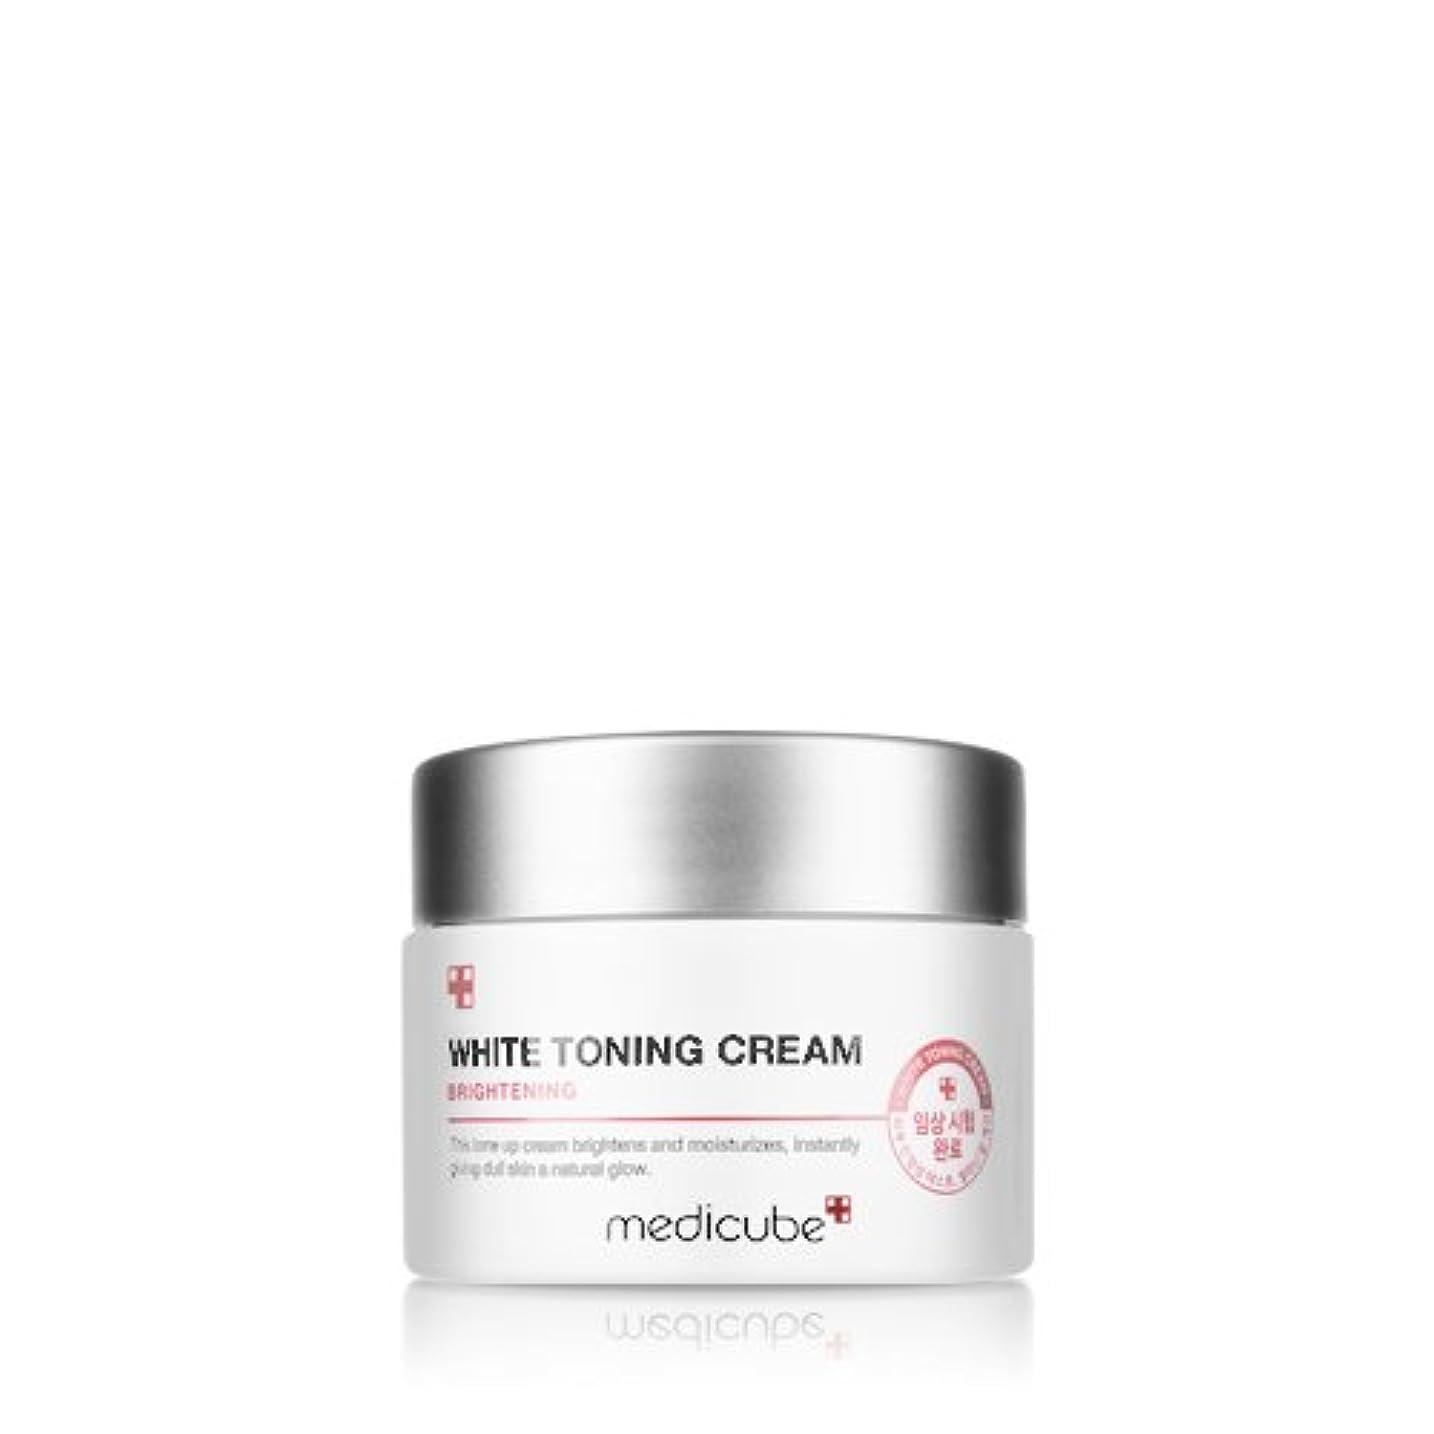 造船救援入射[Medicube] WHITE TONING CREAM / メディキューブ ホワイトトーニングクリーム / 正品?海外直送商品